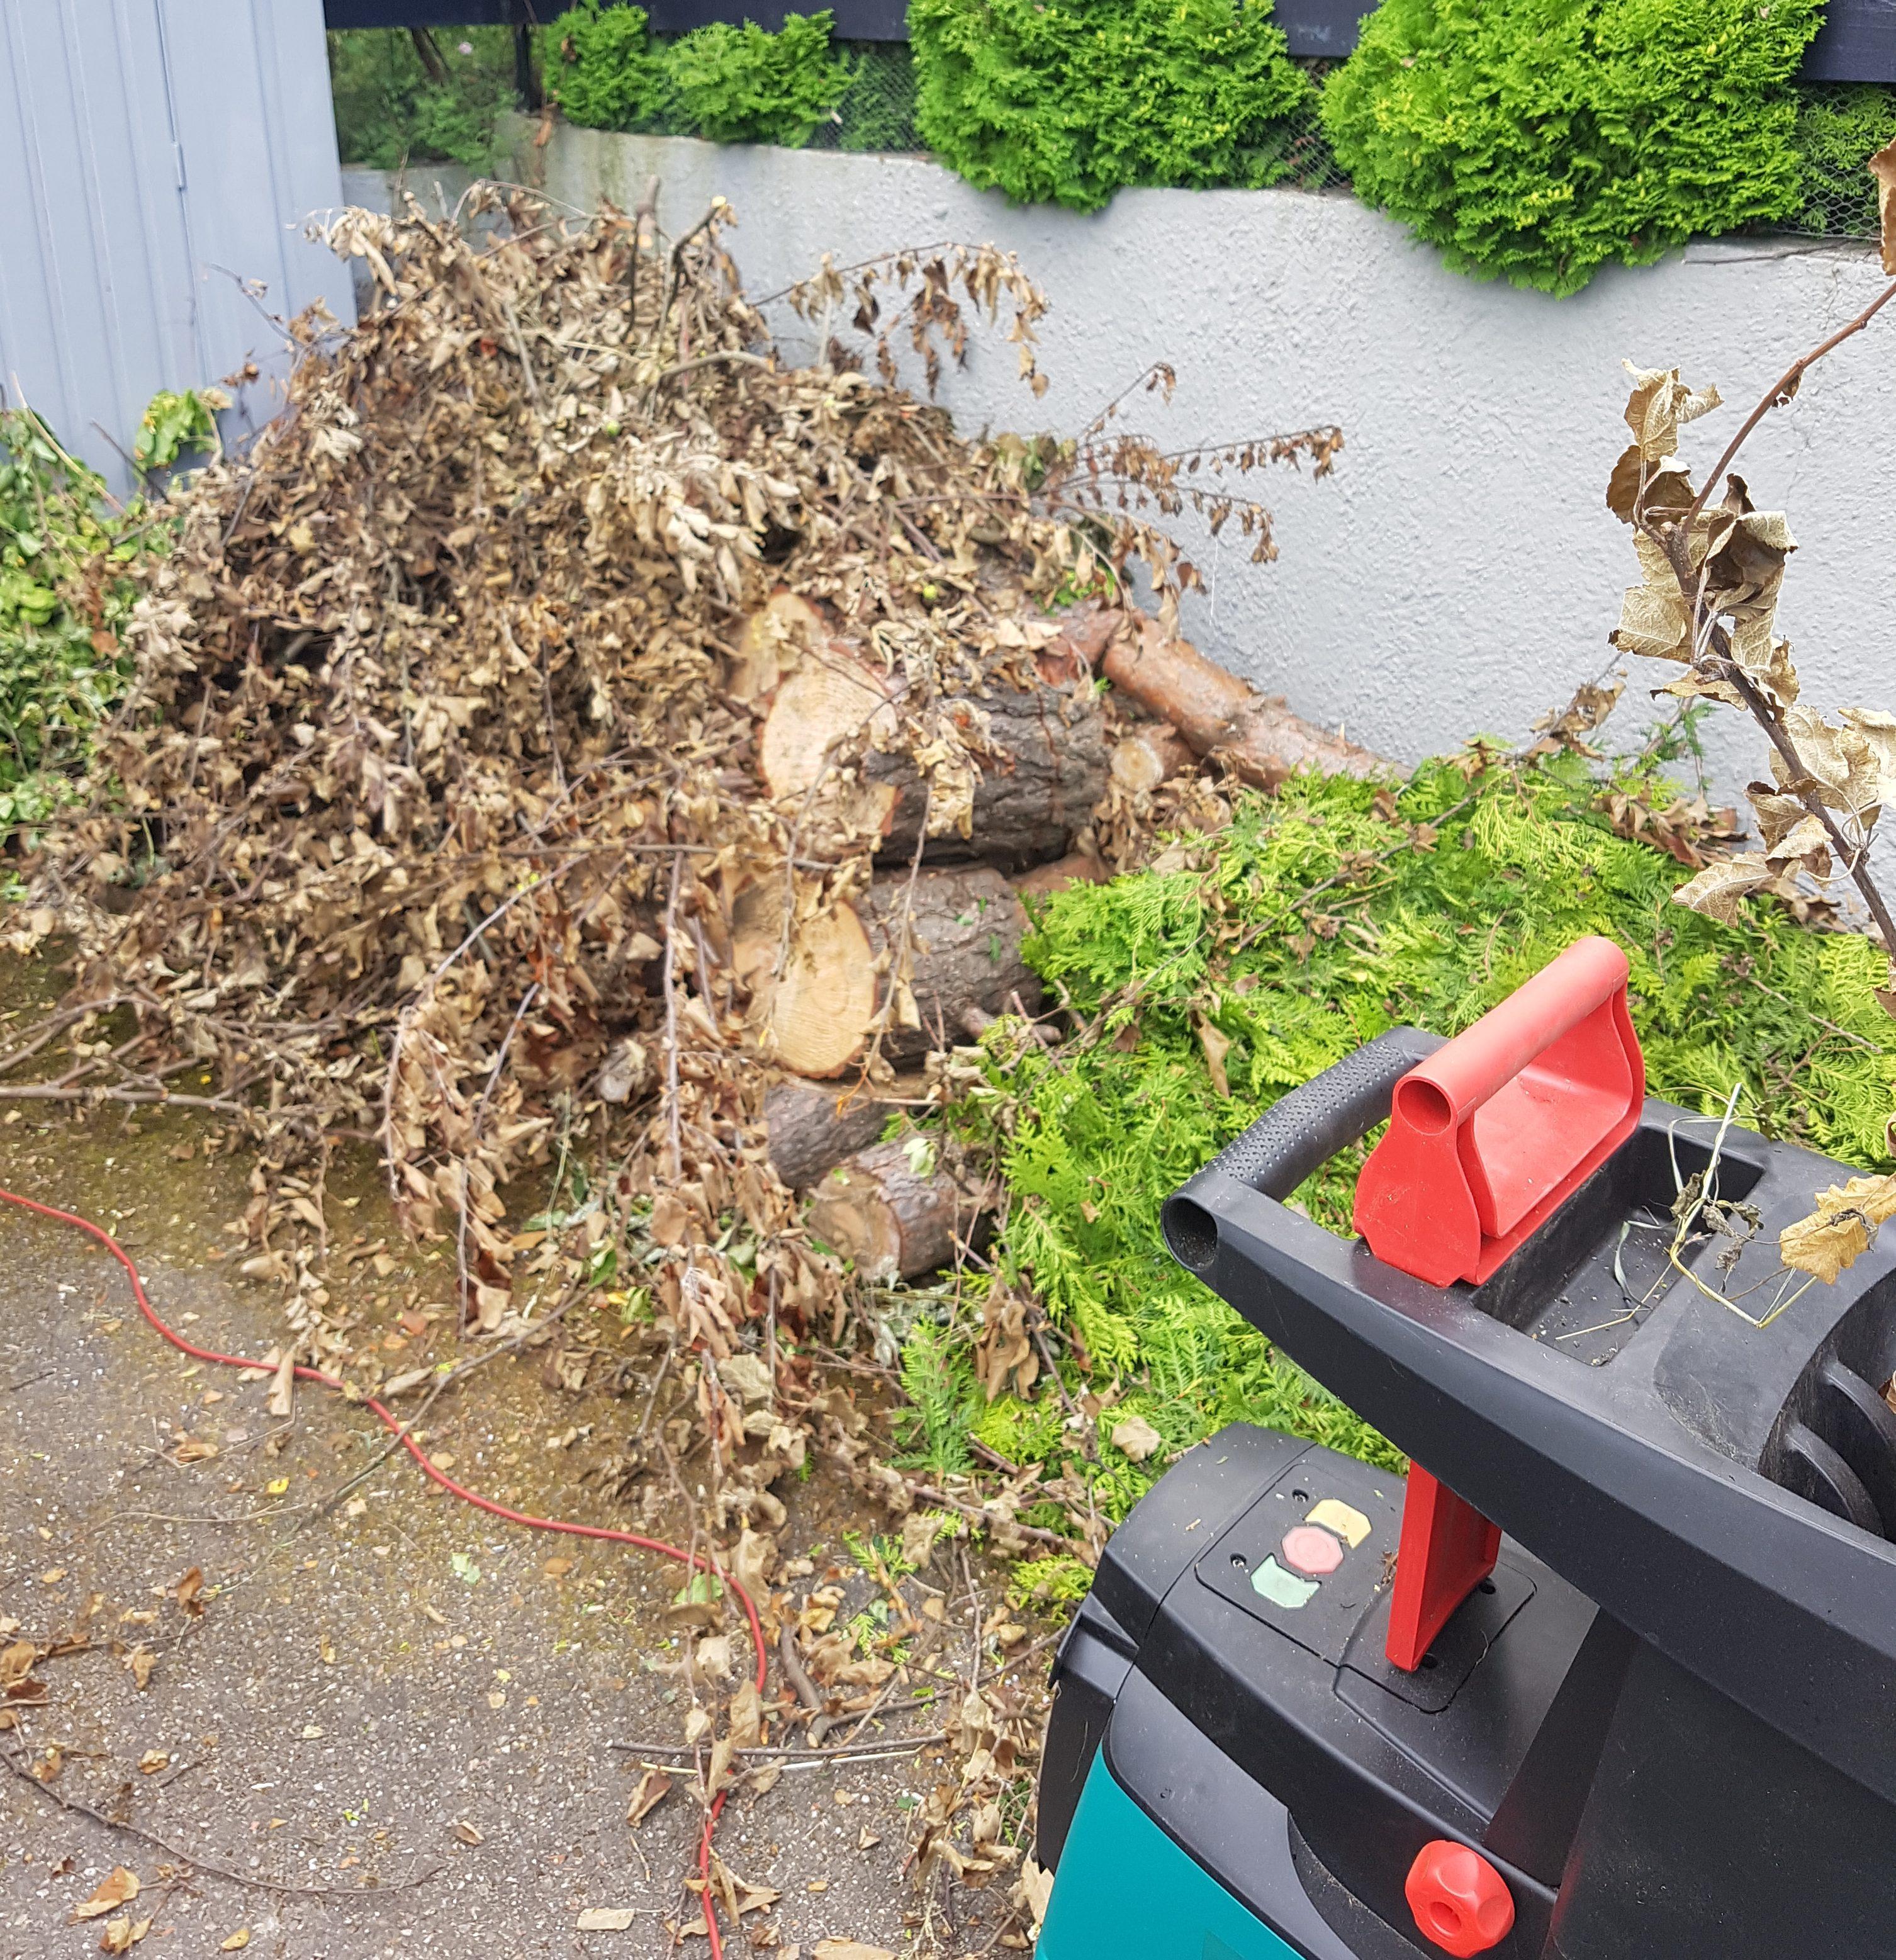 Kompostkvern og gjenbruk gjør underverker i hagen.